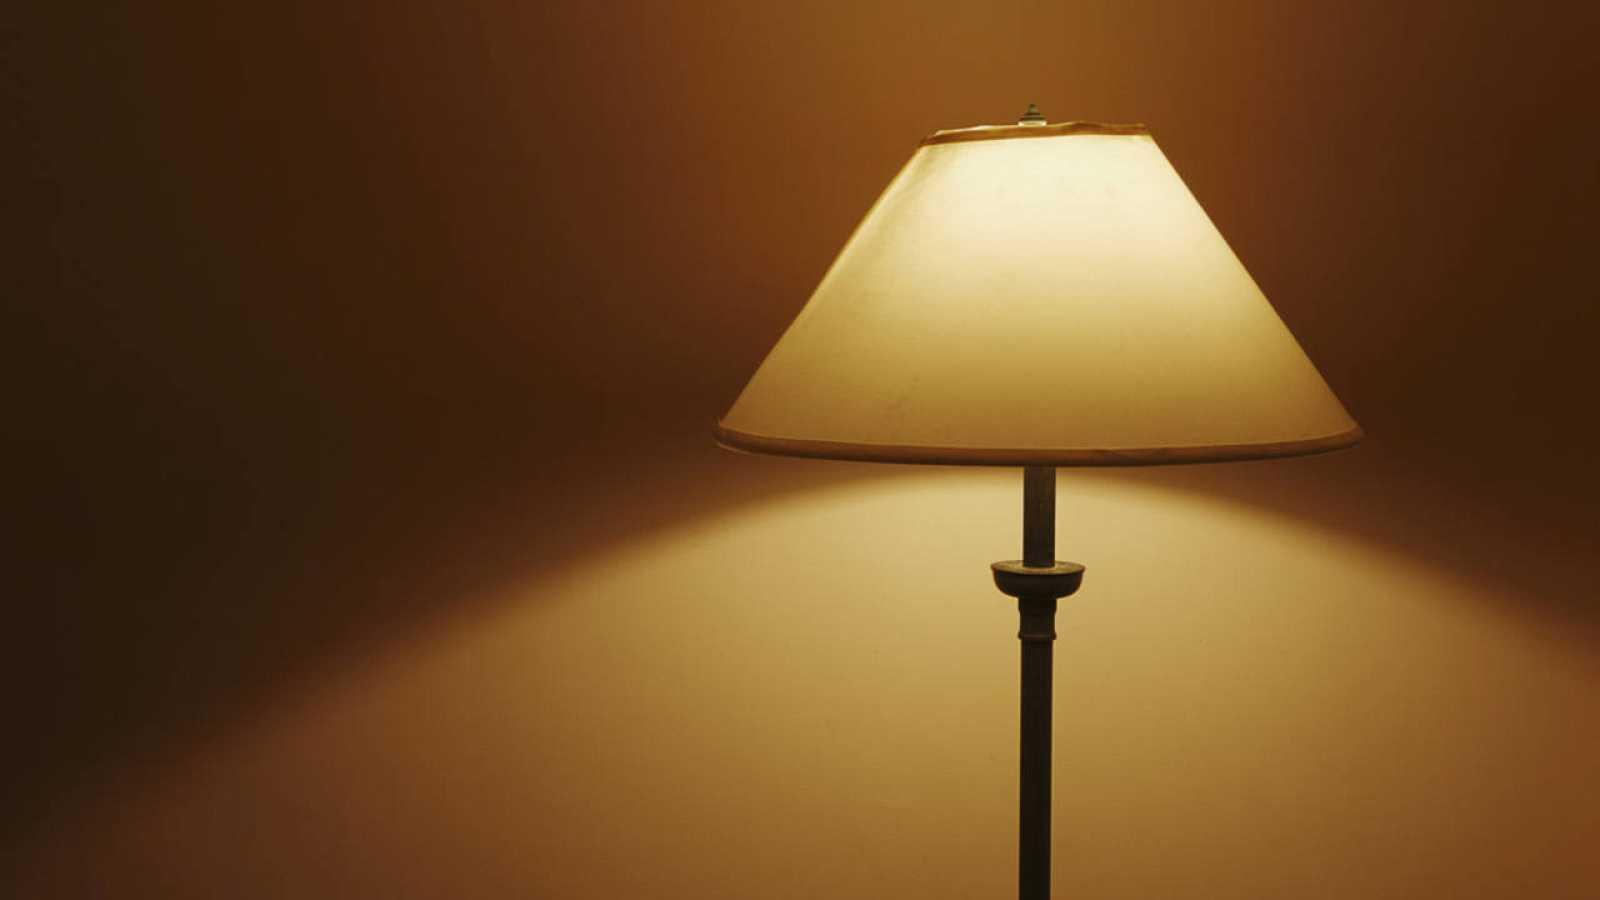 Una lámpara encendida